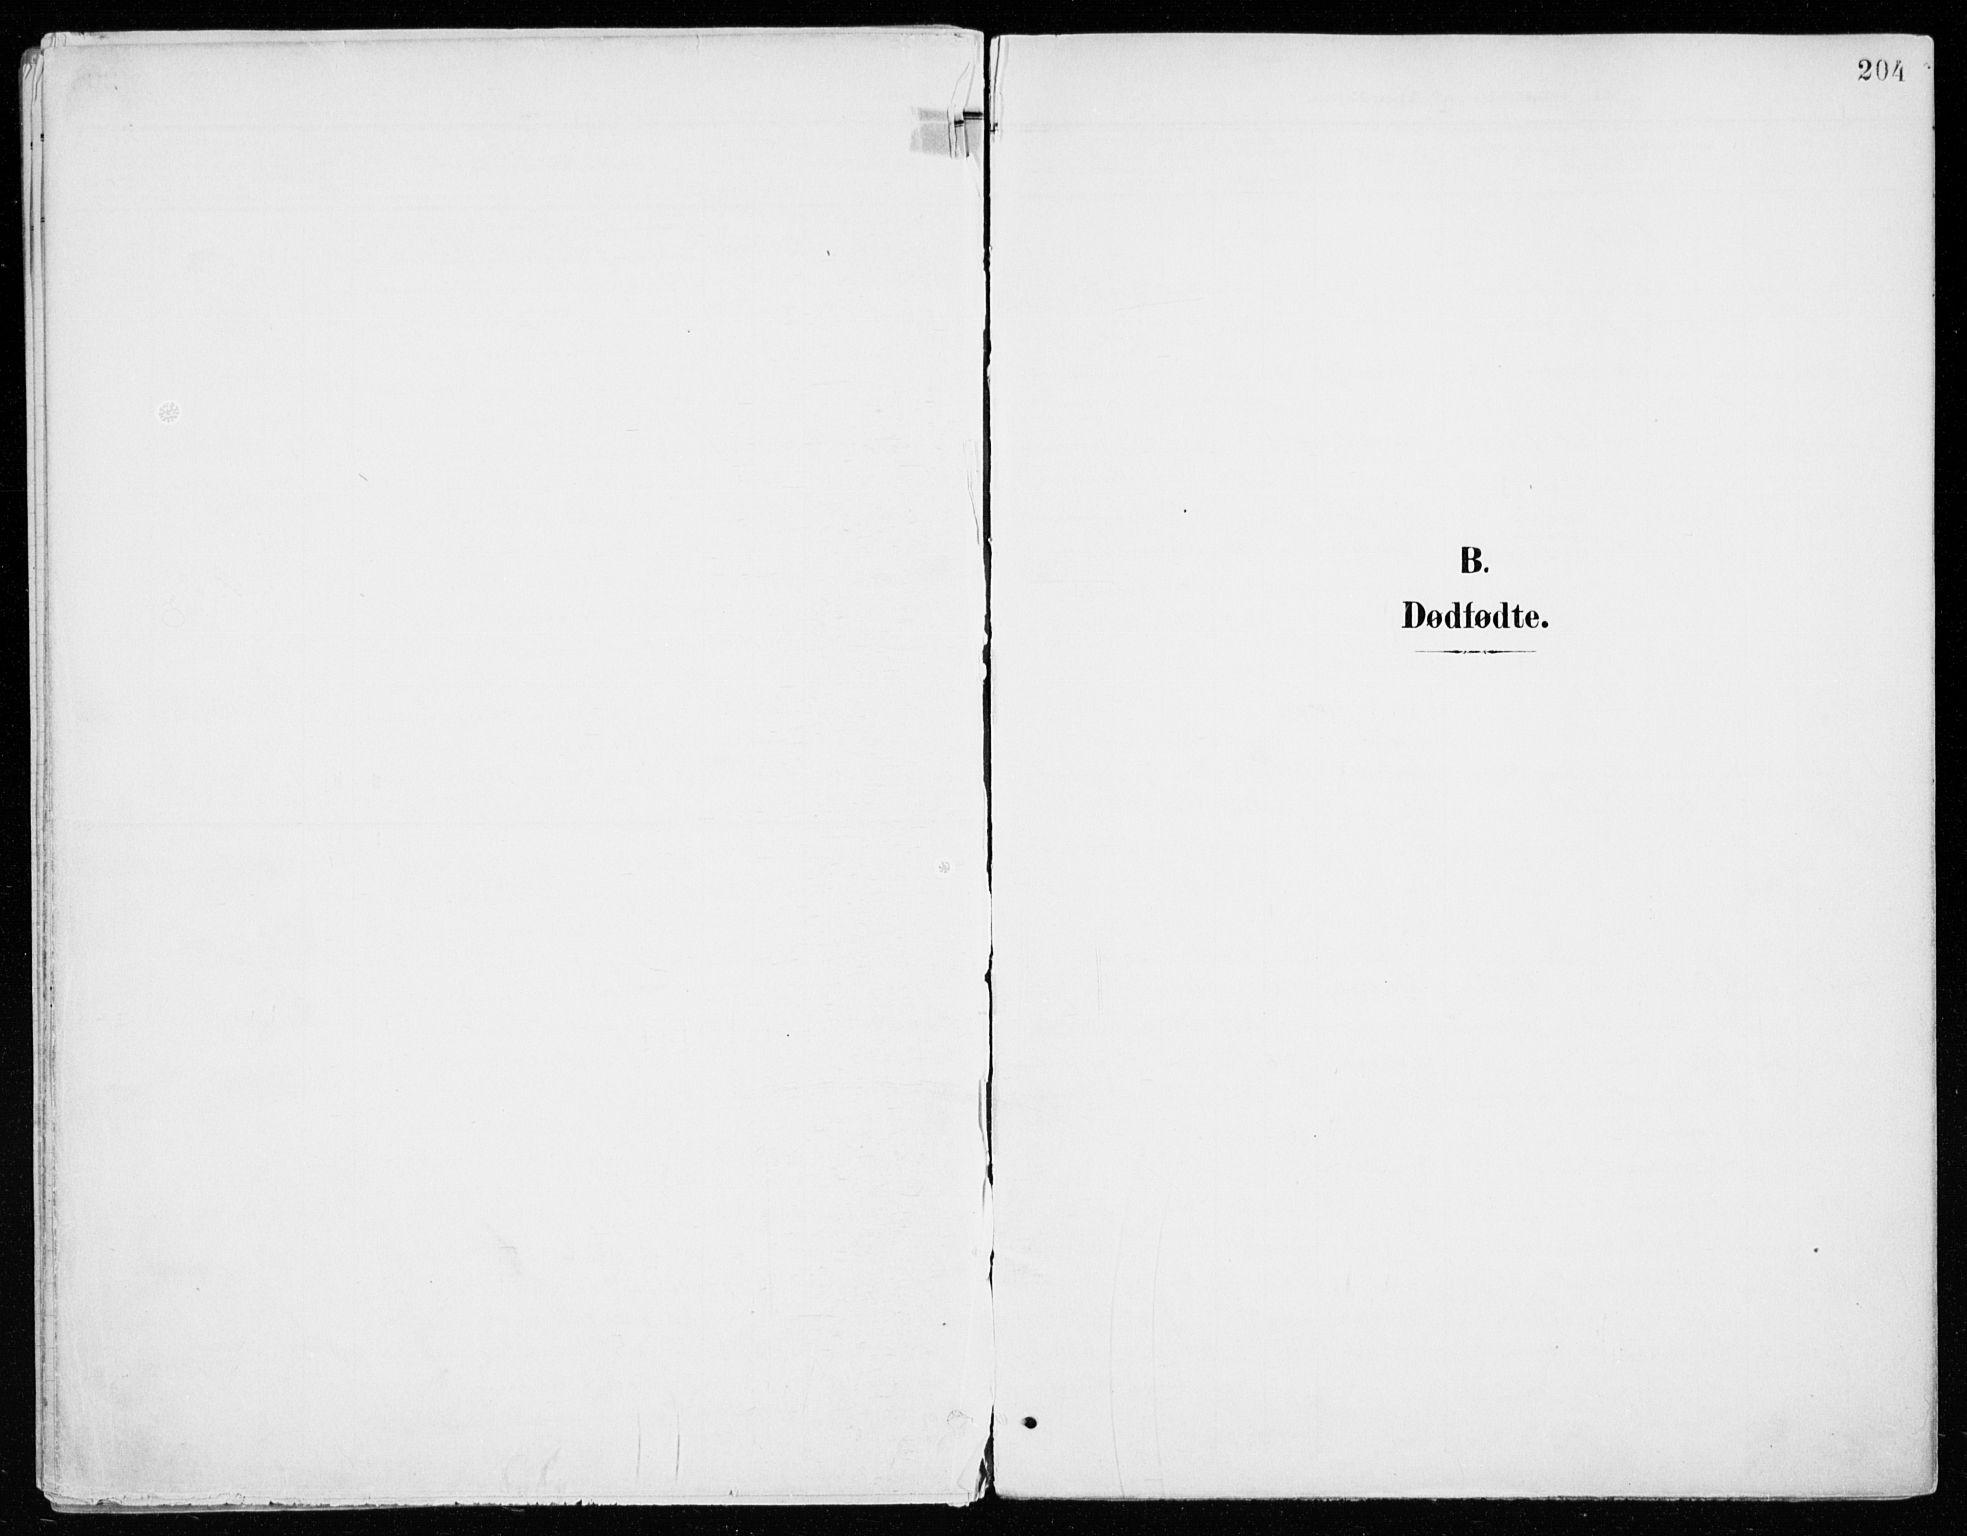 SAH, Vang prestekontor, Hedmark, H/Ha/Haa/L0021: Ministerialbok nr. 21, 1902-1917, s. 204